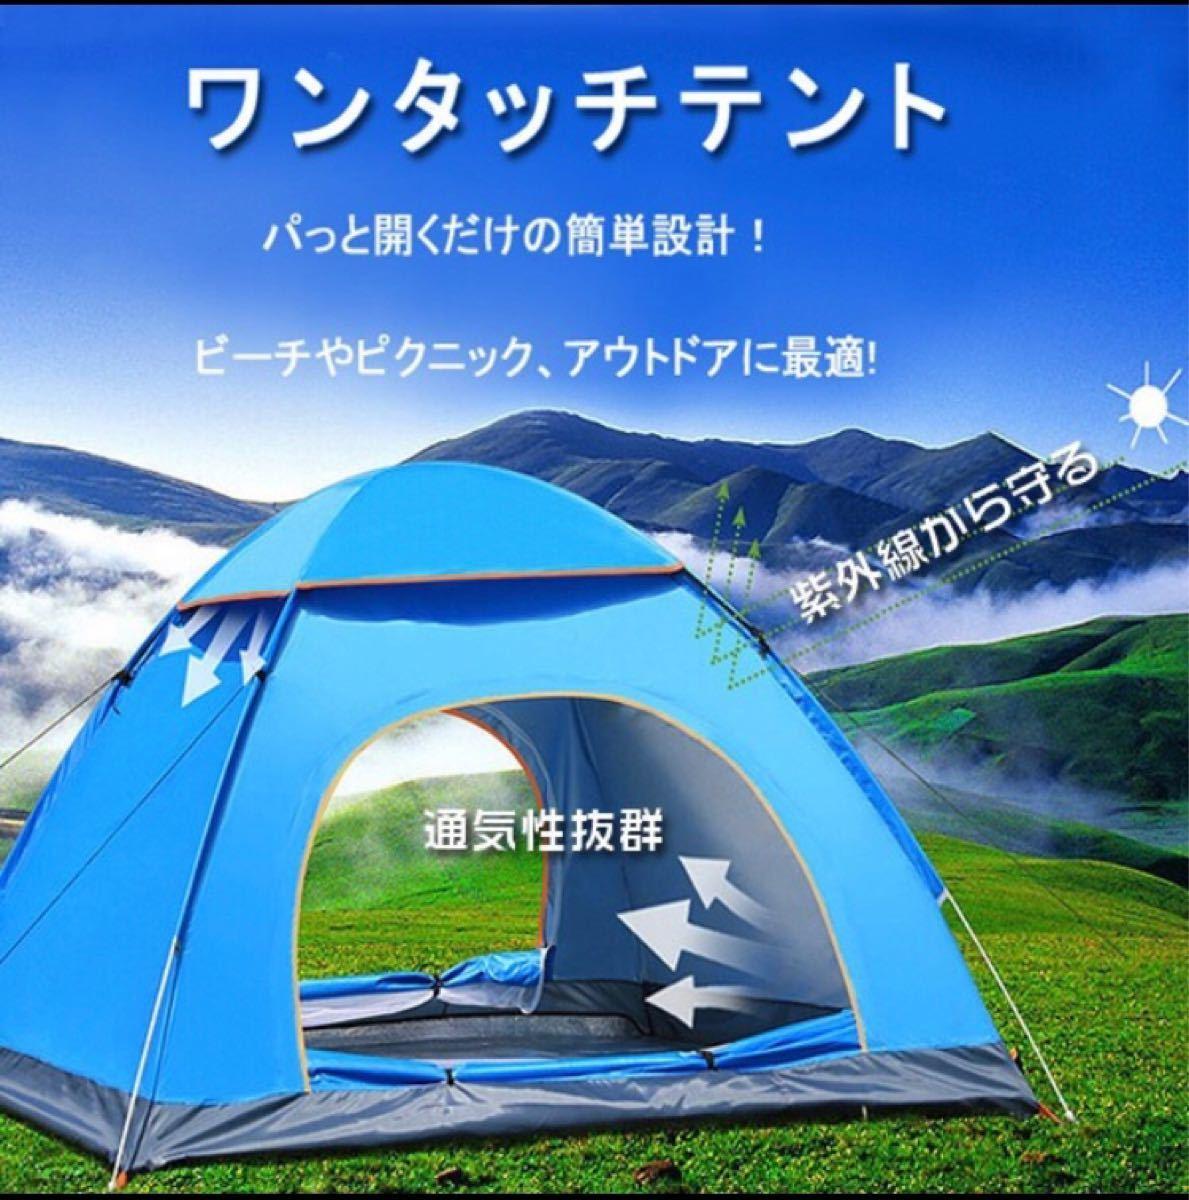 ワンタッチテント 2-3人用 ブルー キャンプ 585